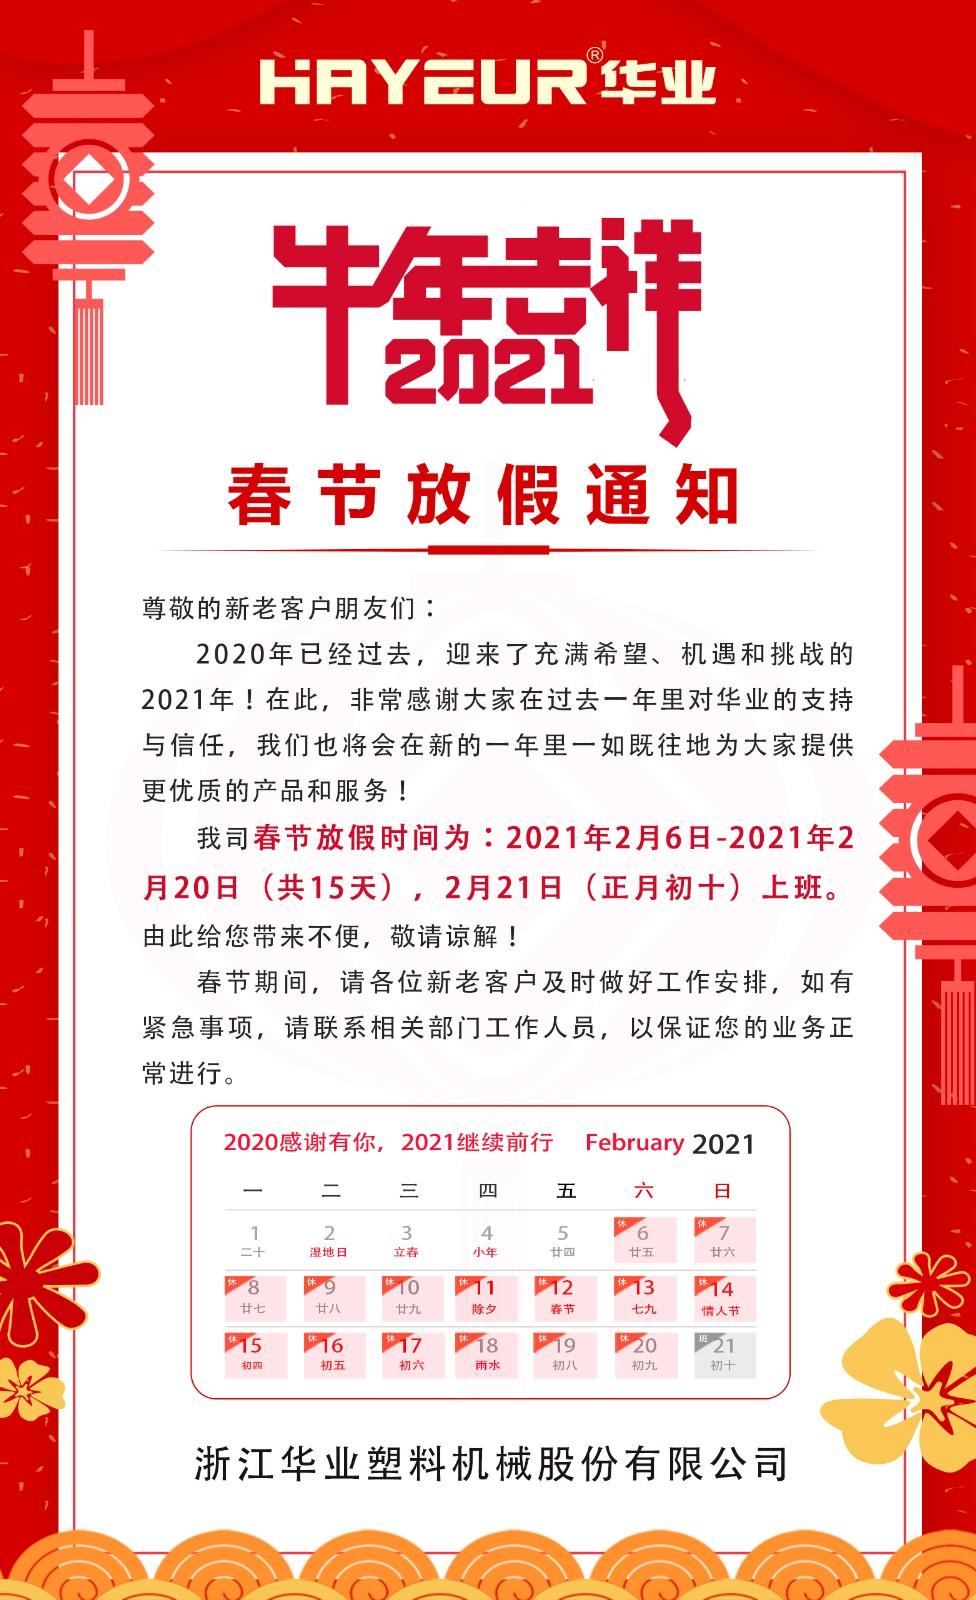 20210201 春节放假通知.jpg